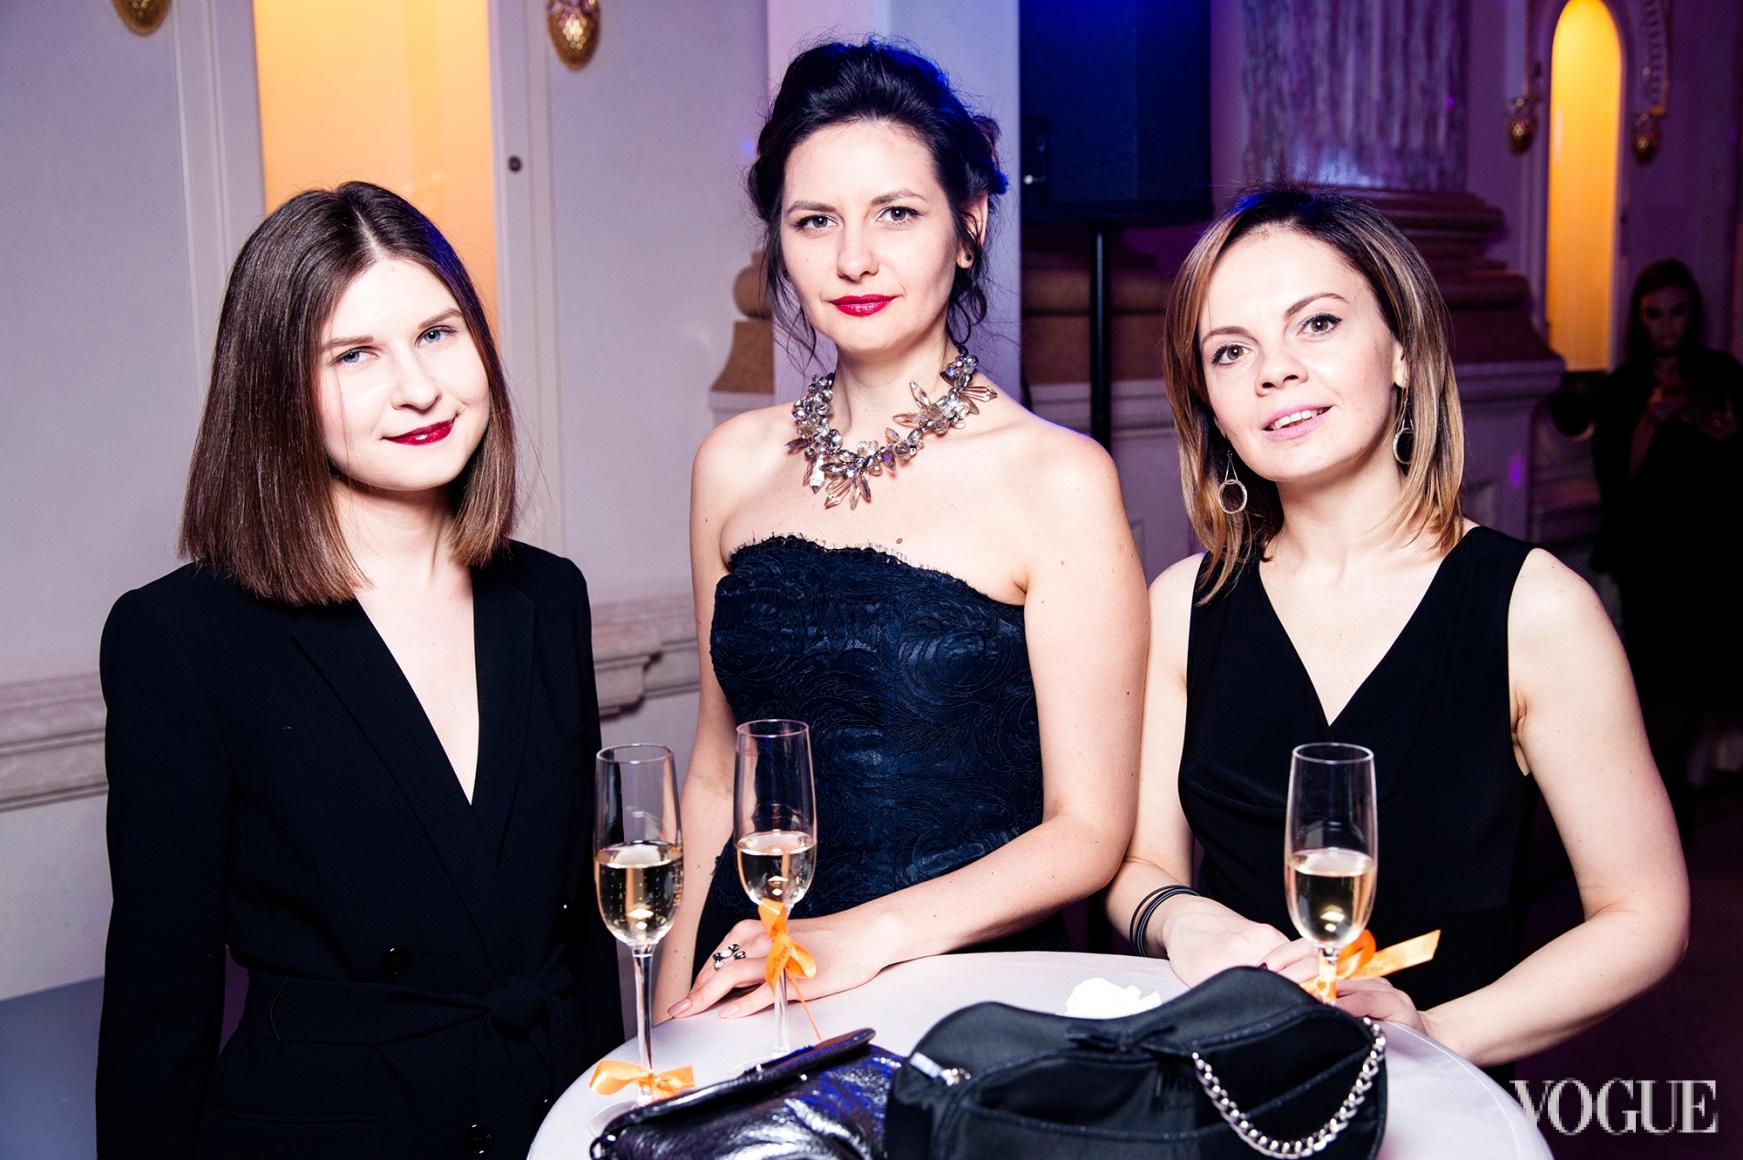 Елена Мусийчук, Алена Тулбанова, Анна Коваленко